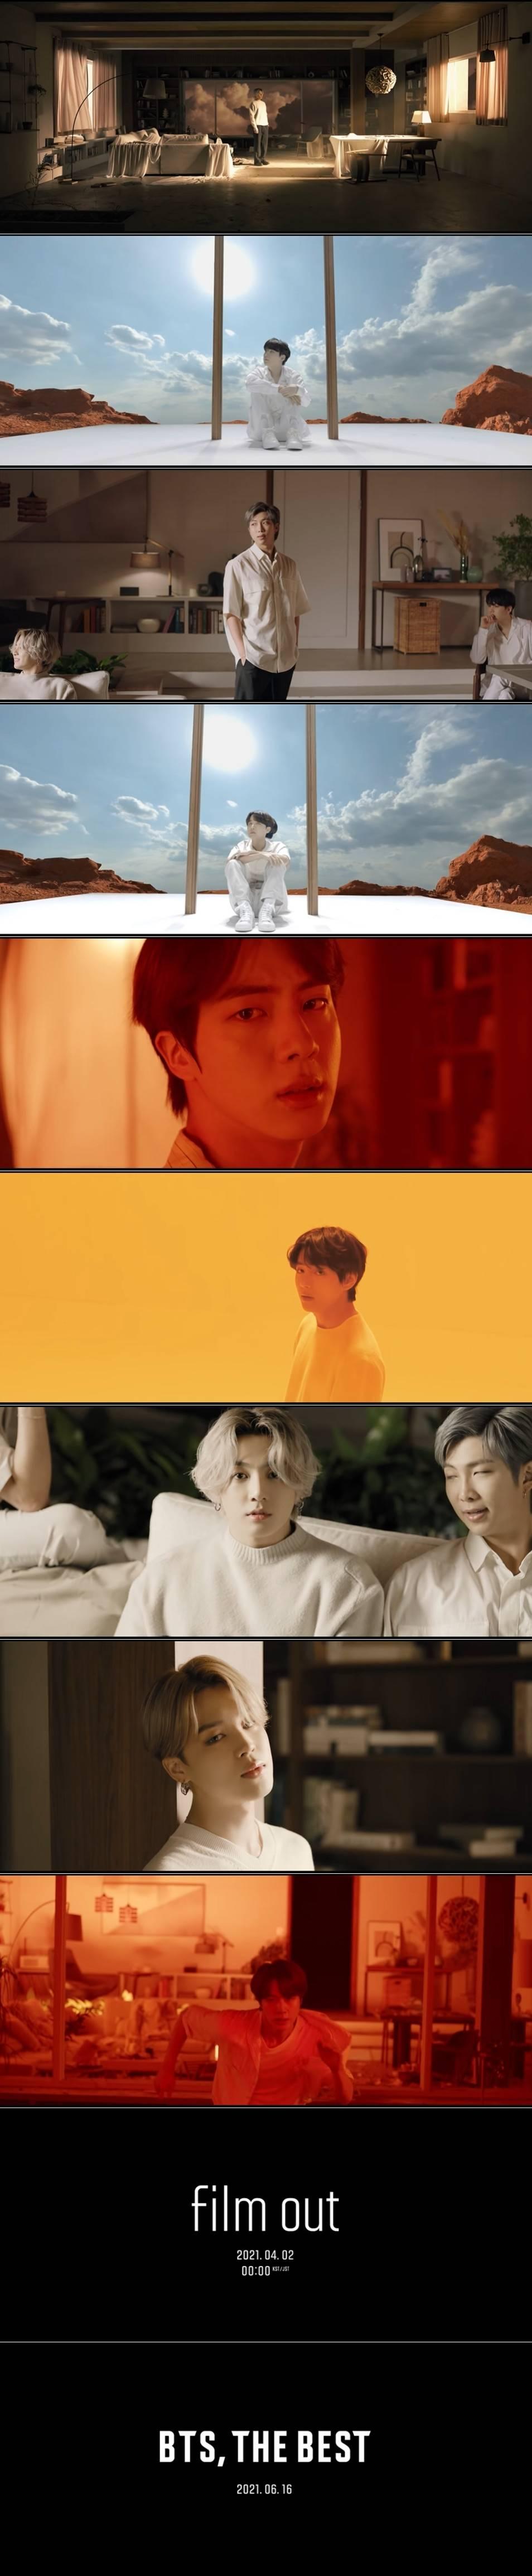 2일(금), 방탄소년단(BTS) 일본 앨범 'Film out' 발매 | 인스티즈